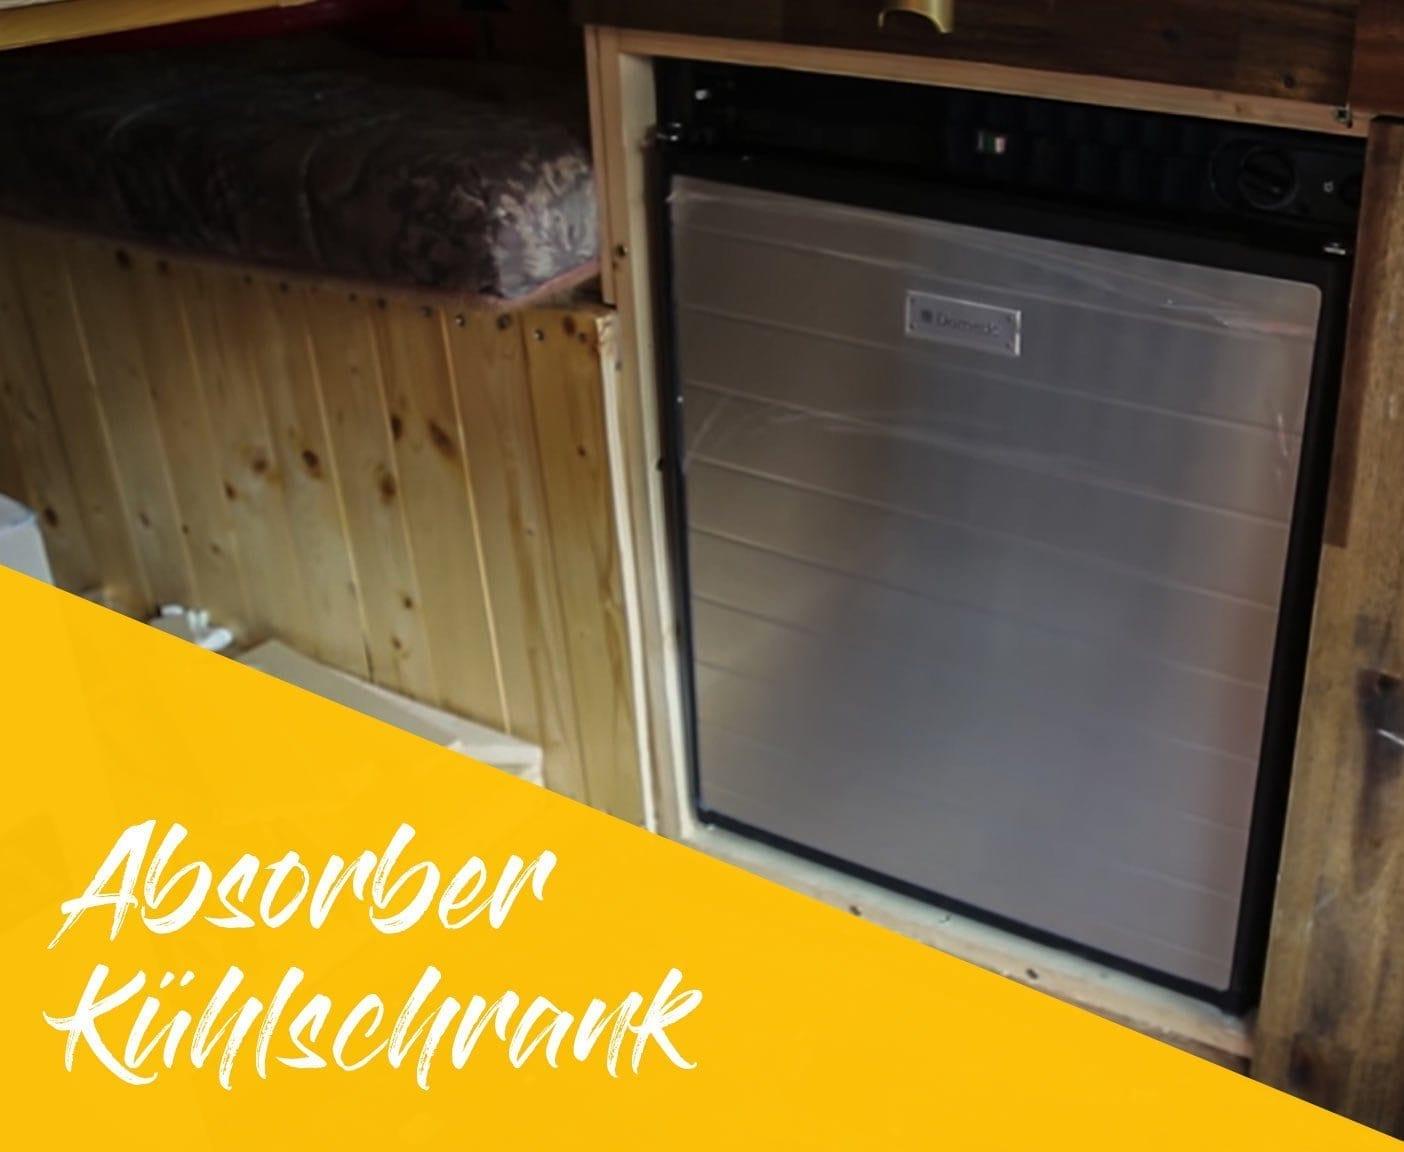 Aufbau Eines Kühlschrank : Wohnmobil kÜhlschrank was ich über 12v oder gas gelernt habe!